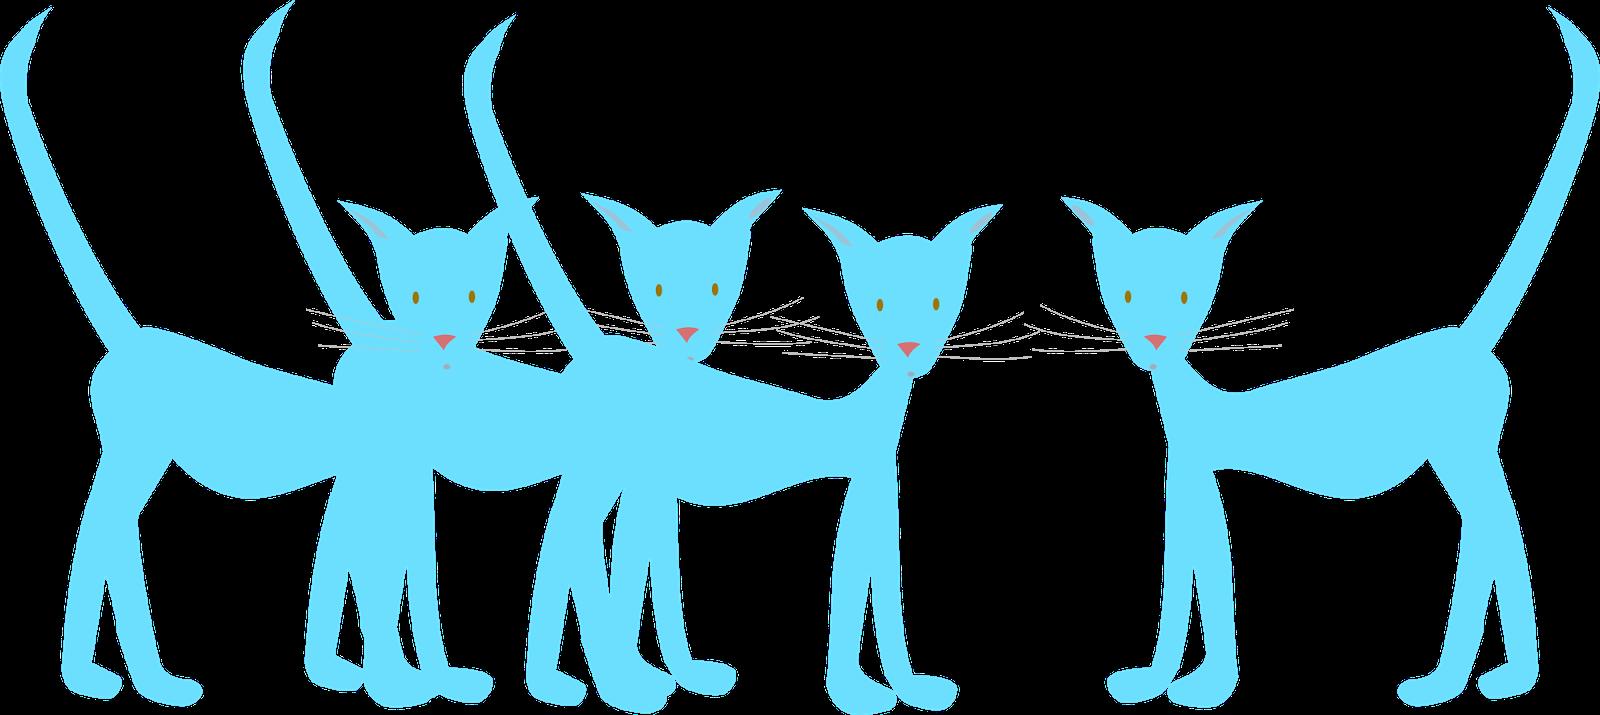 Scrapbook clipart cat. Free digital blue doodle